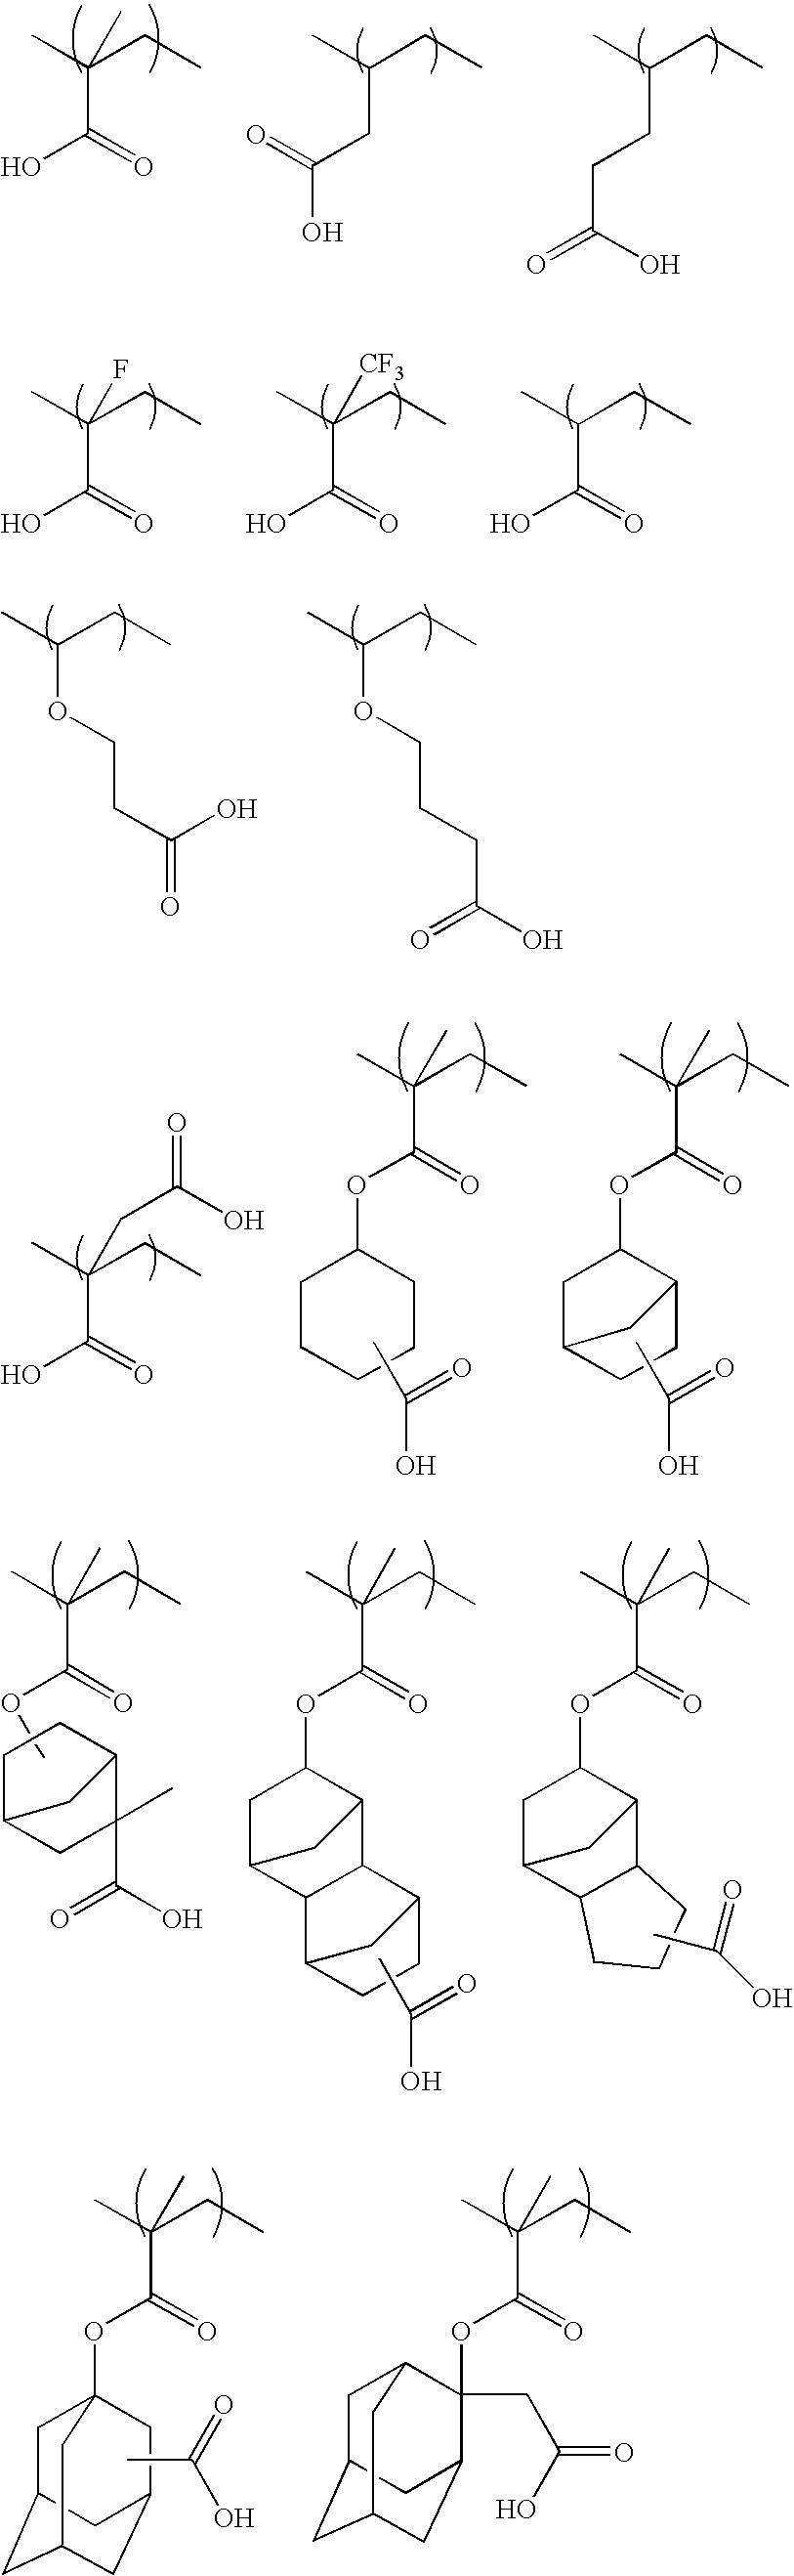 Figure US20090011365A1-20090108-C00036